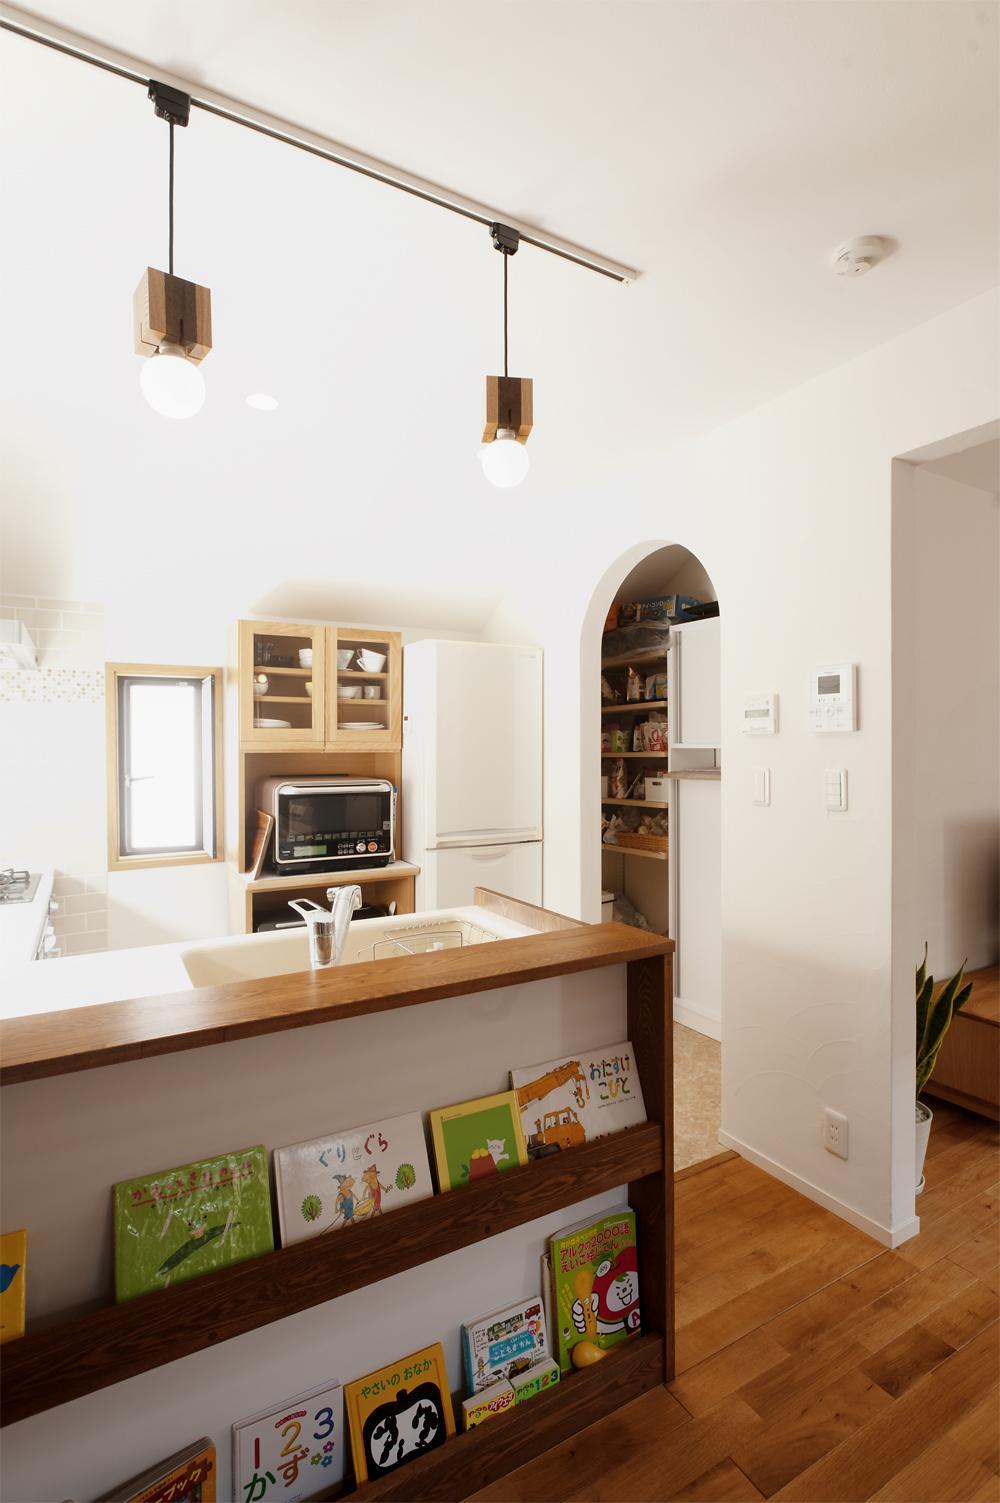 y邸・子ども達のために 自然素材で楽しくリノベーションの写真 キッチン(パントリー)